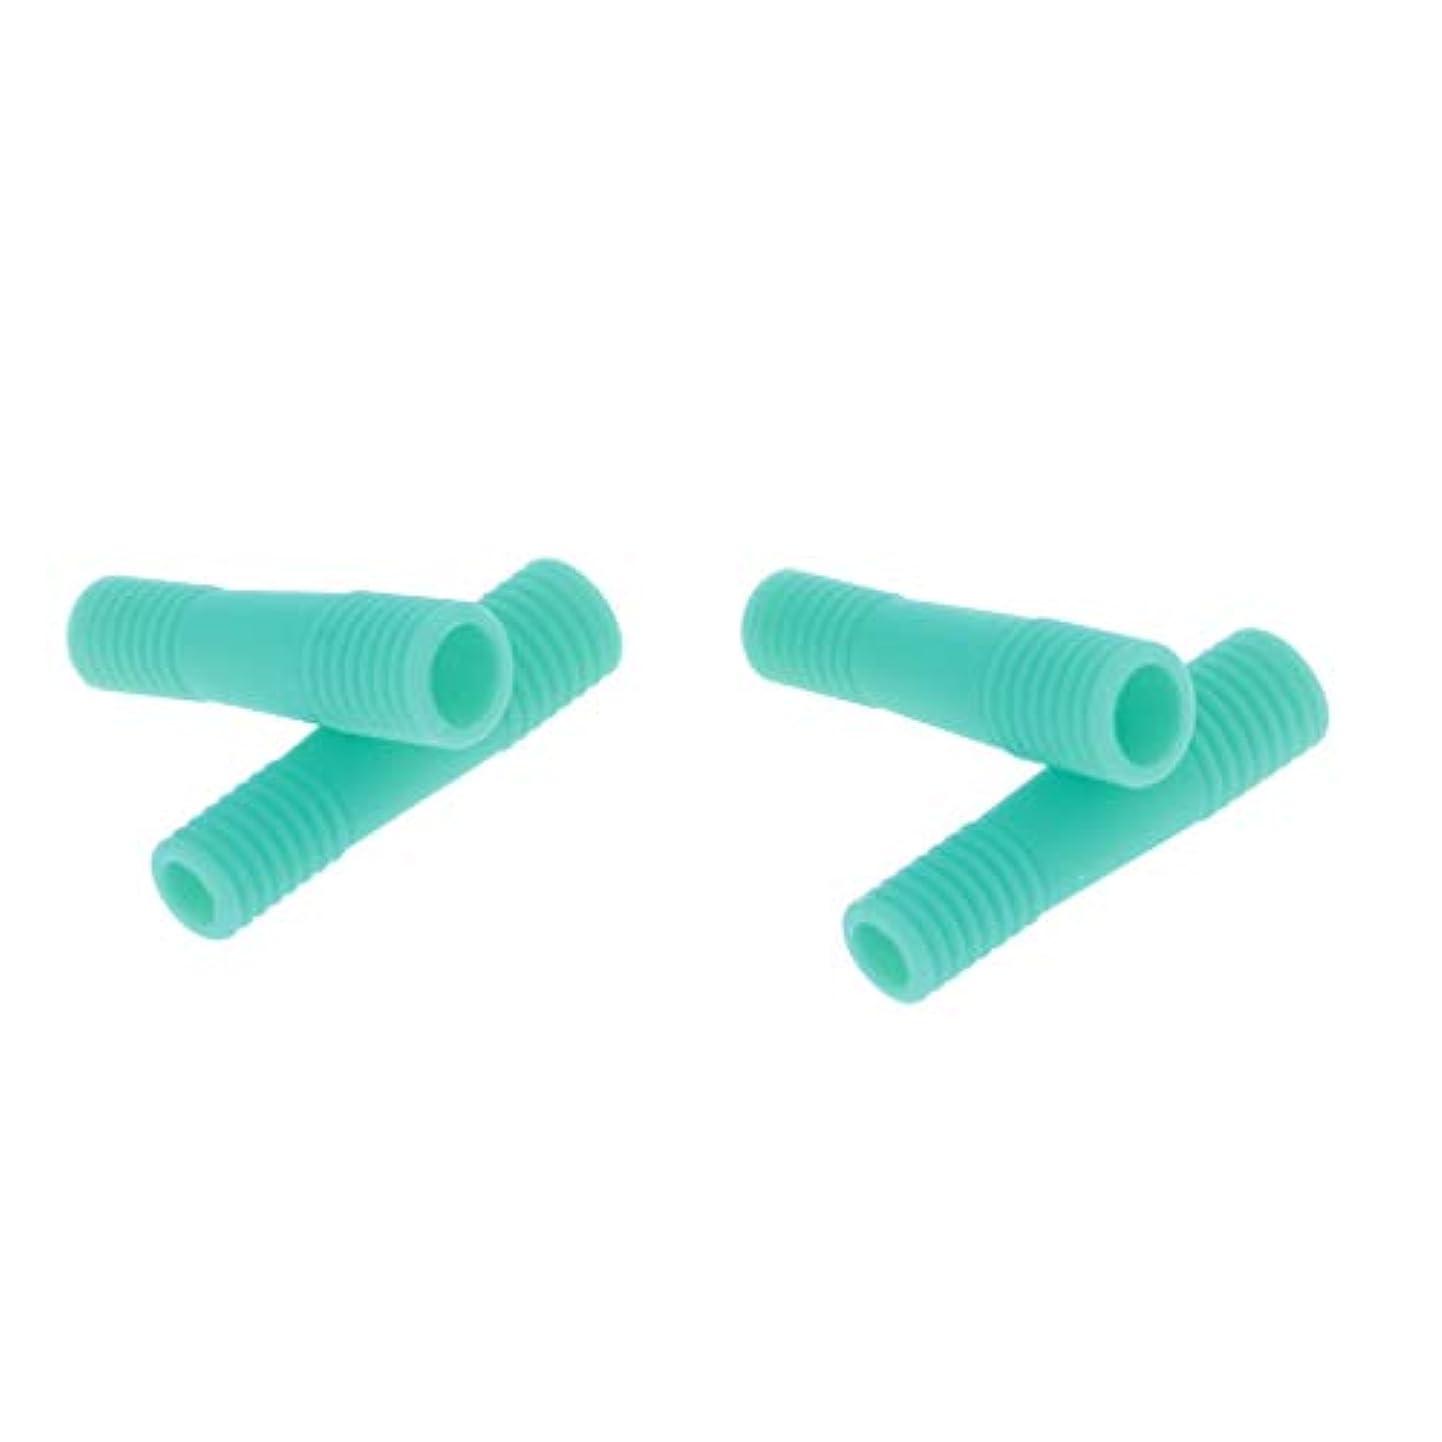 目覚める誤解させる嘆願T TOOYFUL ネイルキューティクルハサミケース マニキュアペディキュアツール保護 全5色 - 緑